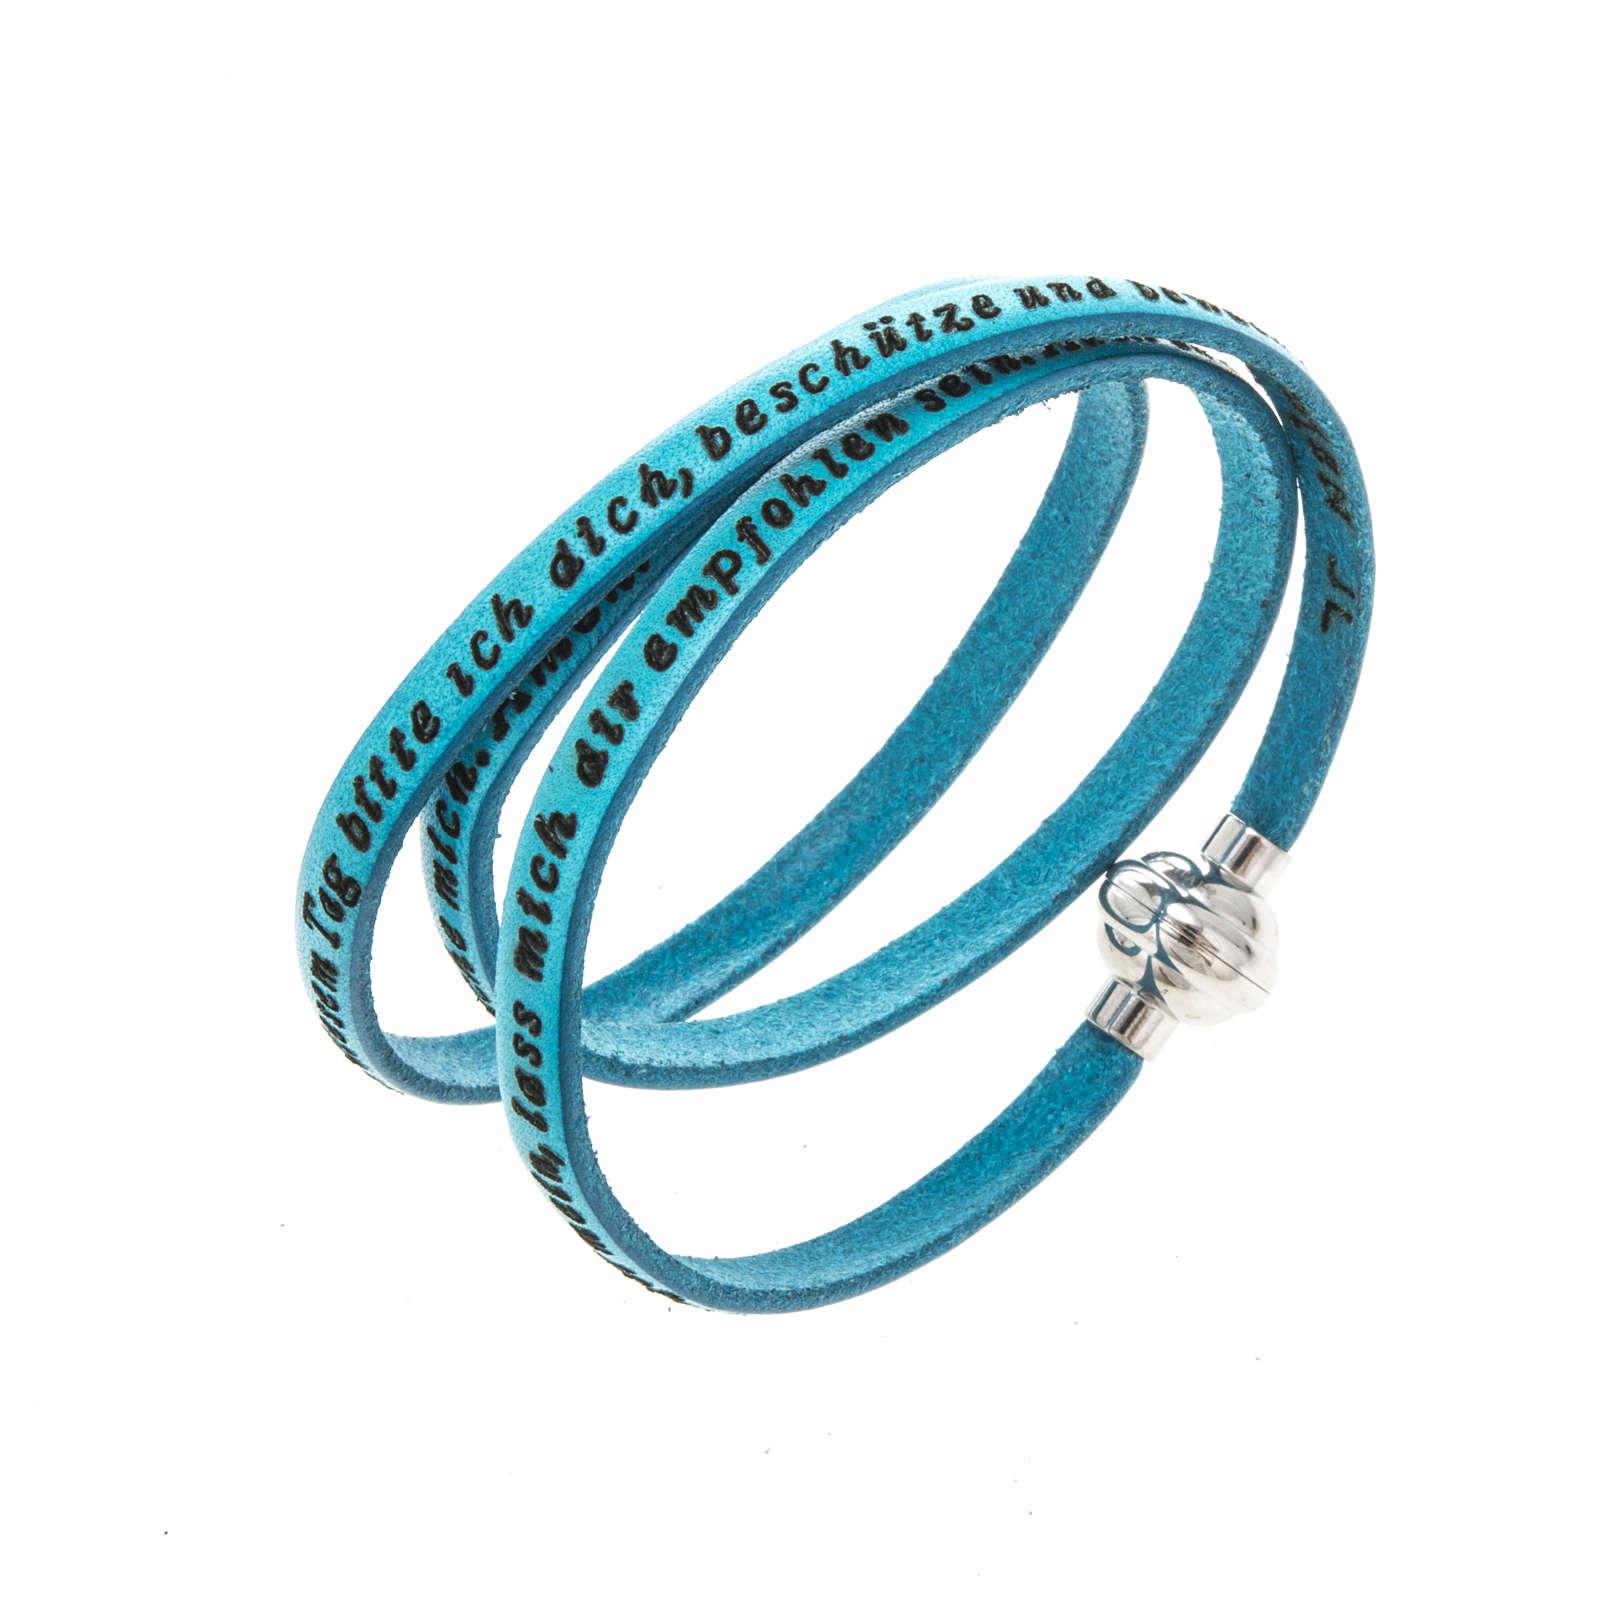 Bracelet Amen Ange de Dieu turquoise ALL 4